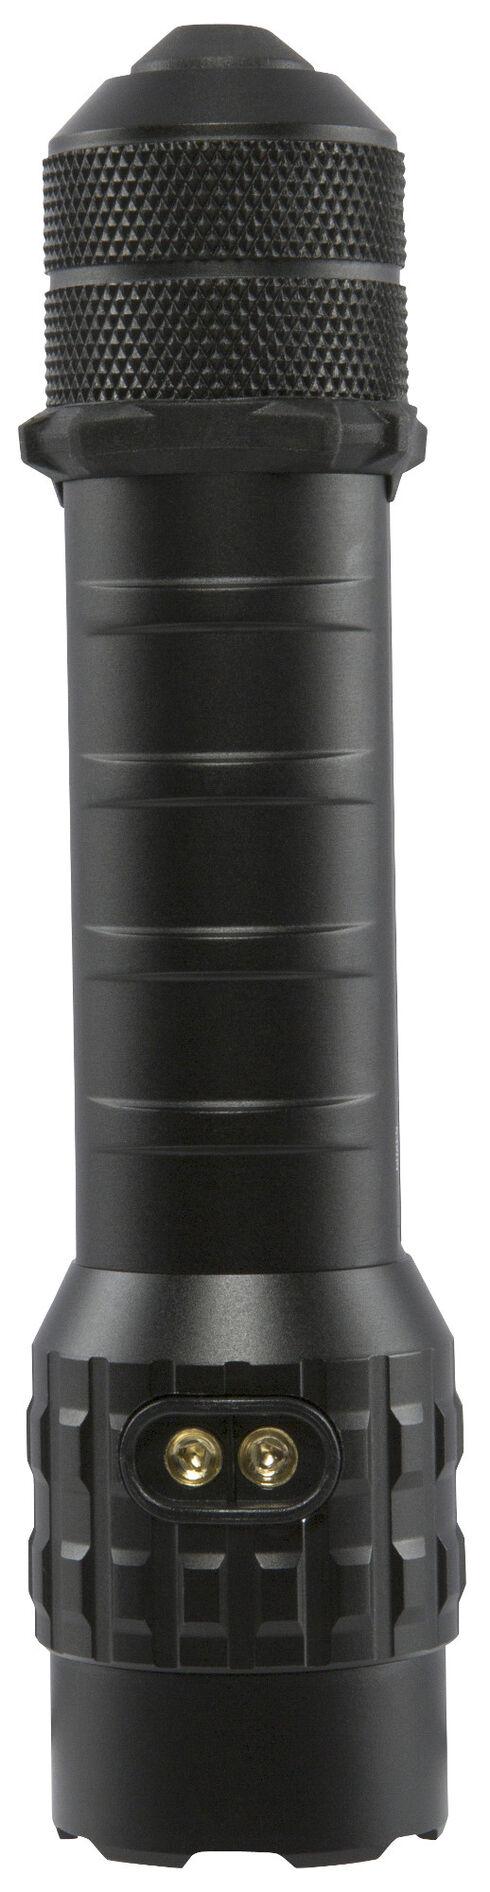 5.11 Tactical TMT R1 Global Flashlight  w/ Adapters, Black, hi-res